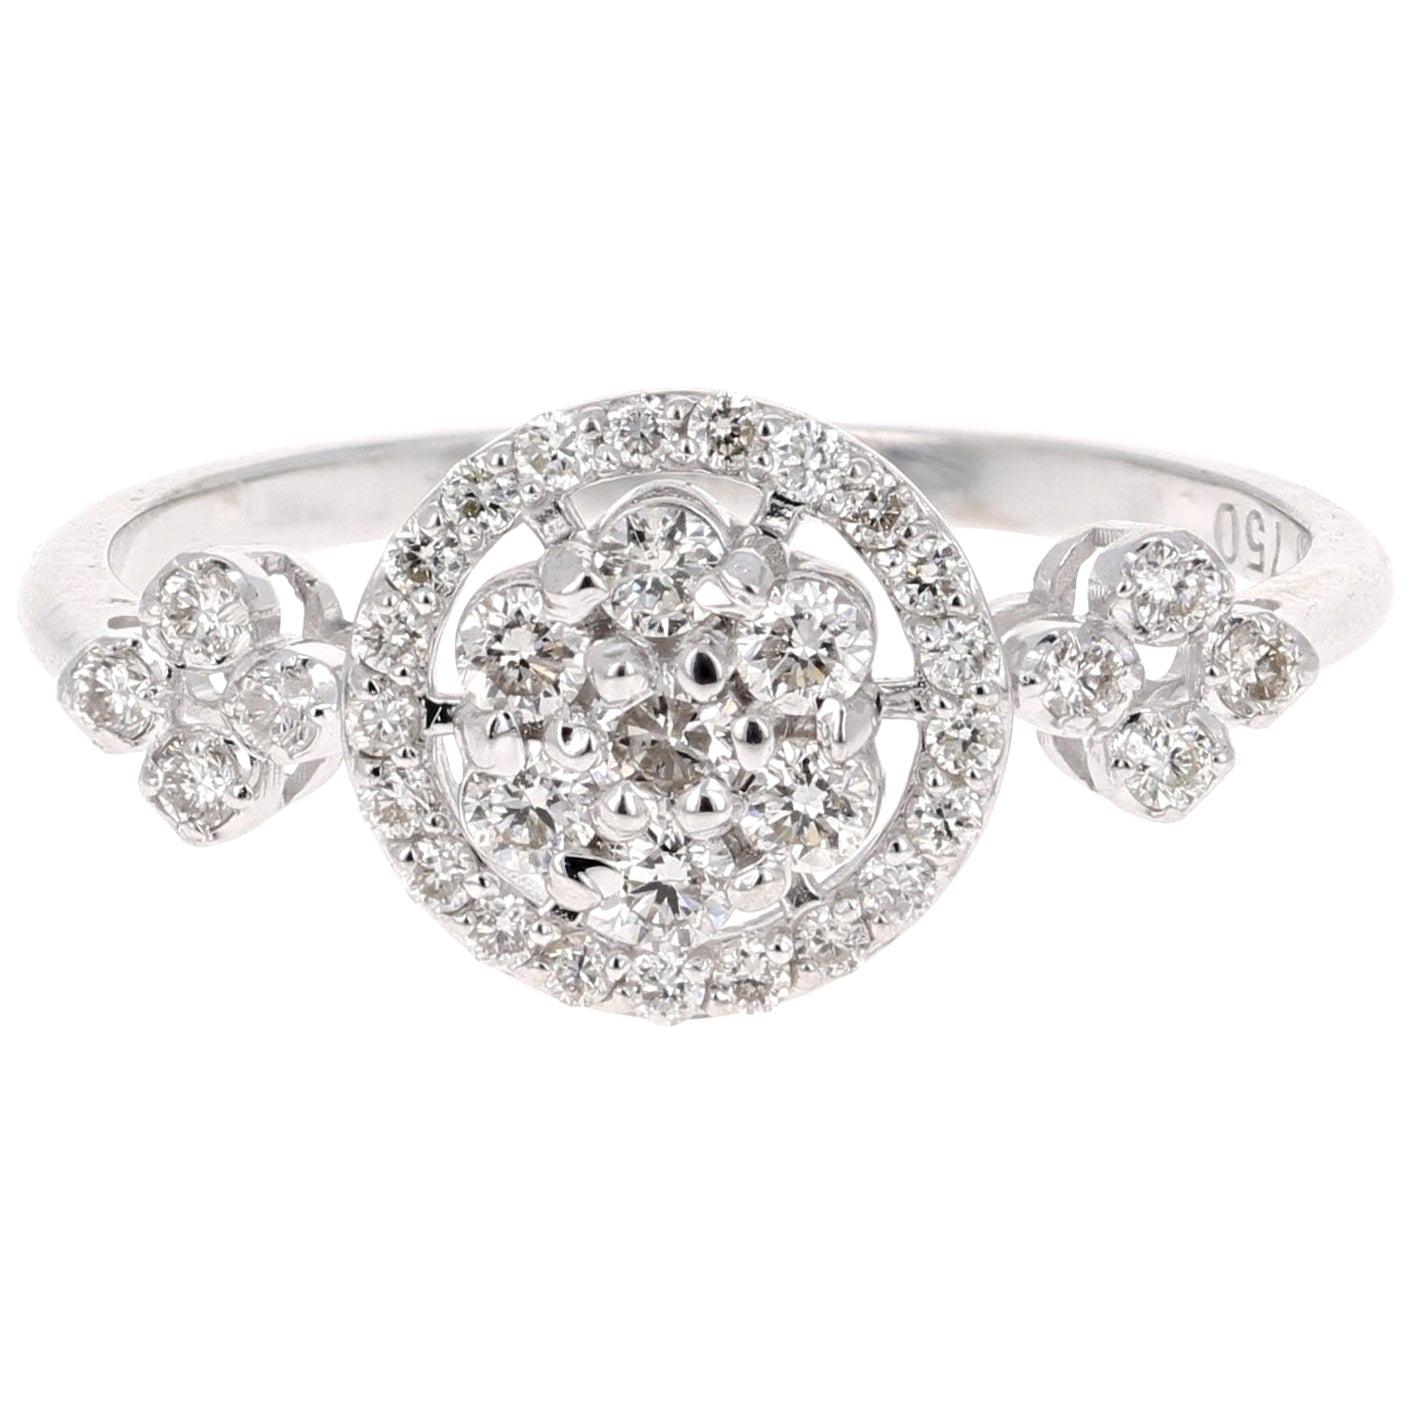 0.43 Carat Cluster Diamond 18 Karat White Gold Ring